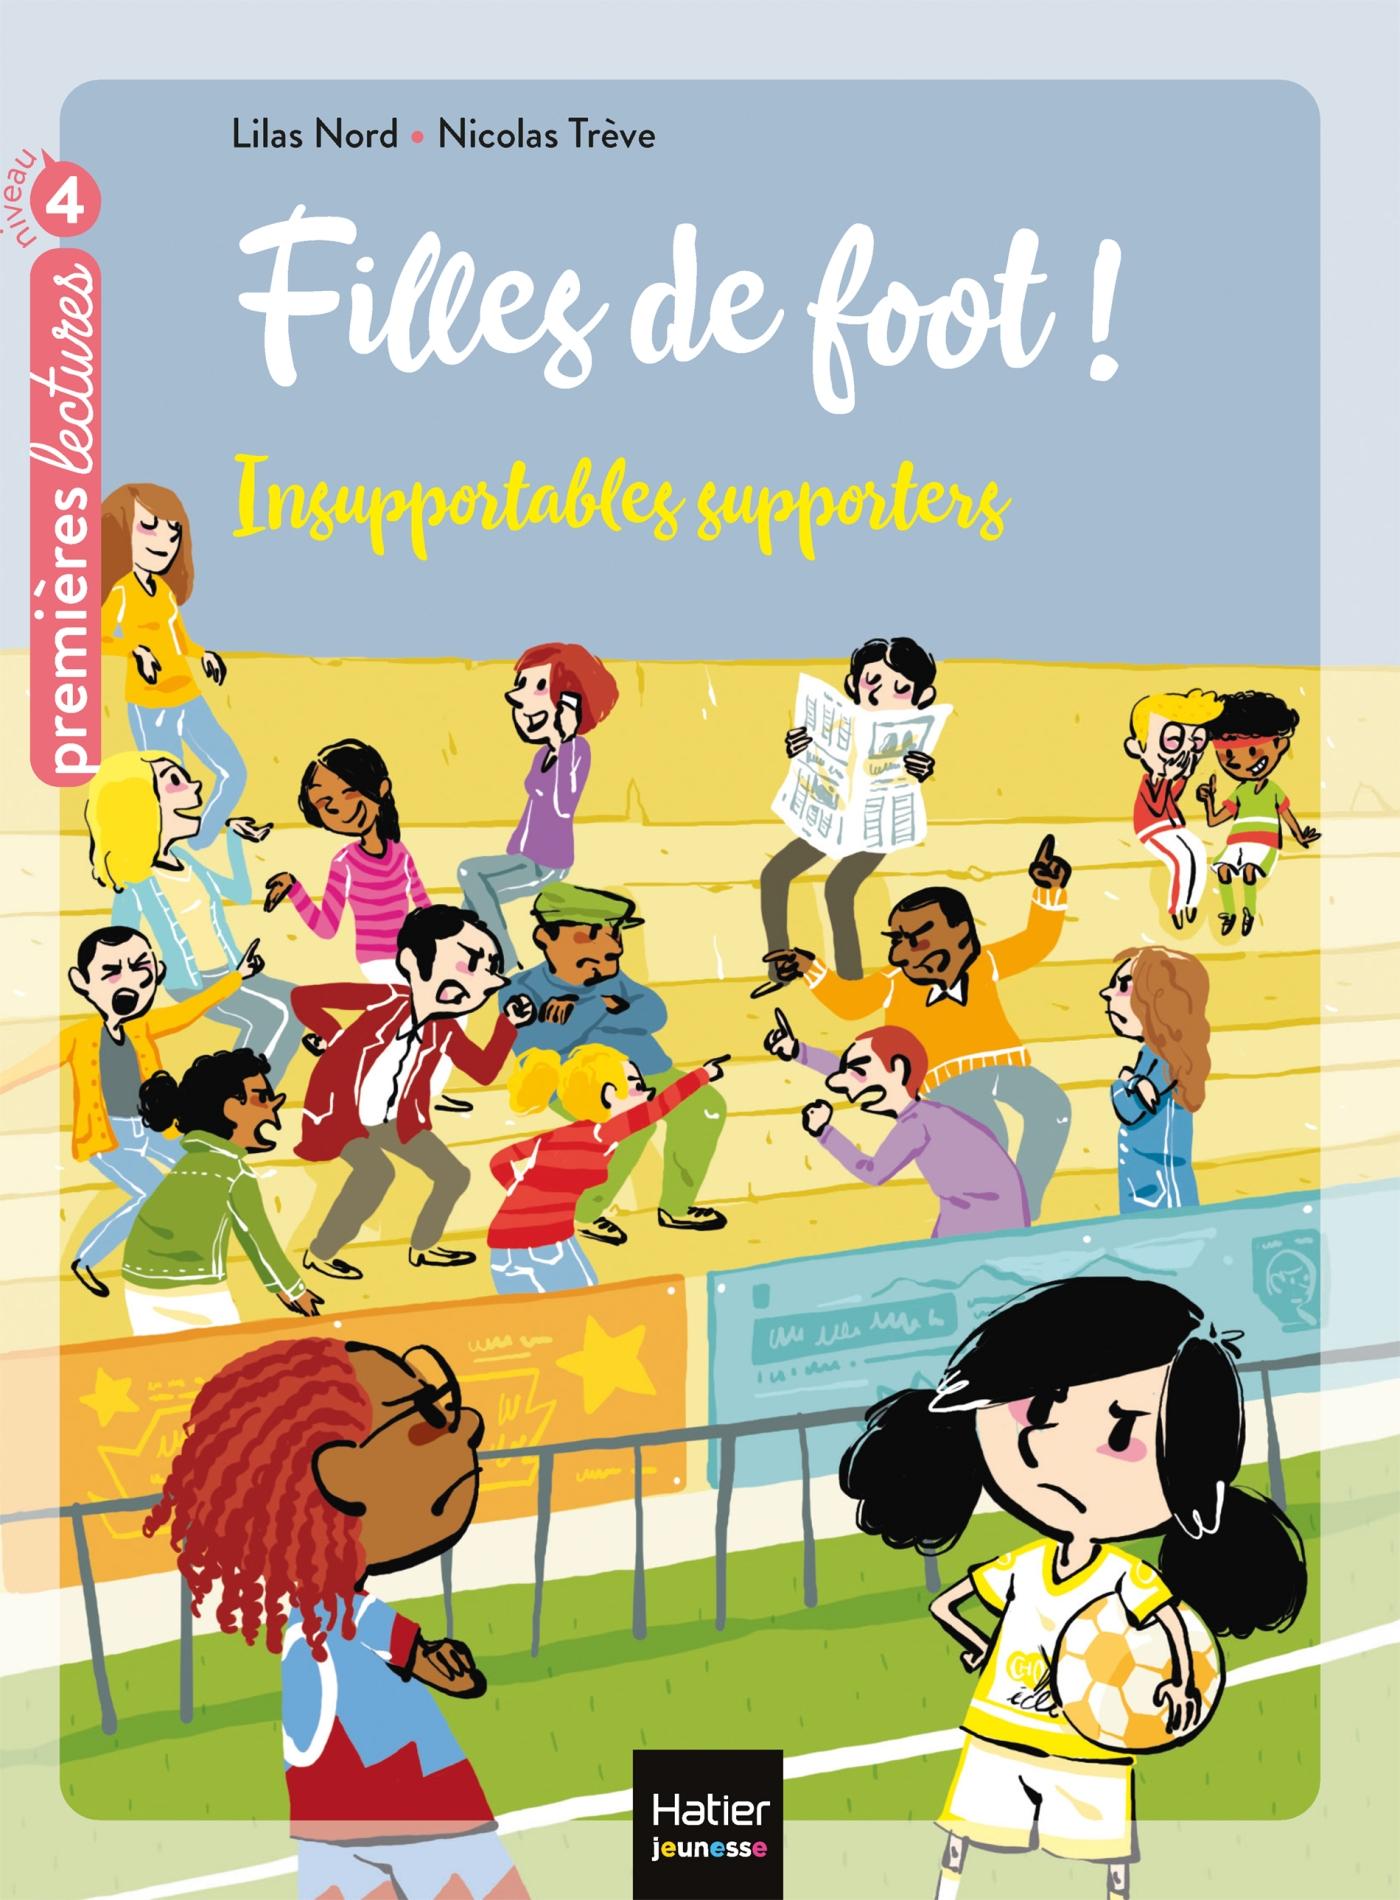 Filles de foot - Insupportables supporters CE1/CE2 dès 7 ans   Nord, Lilas. Auteur